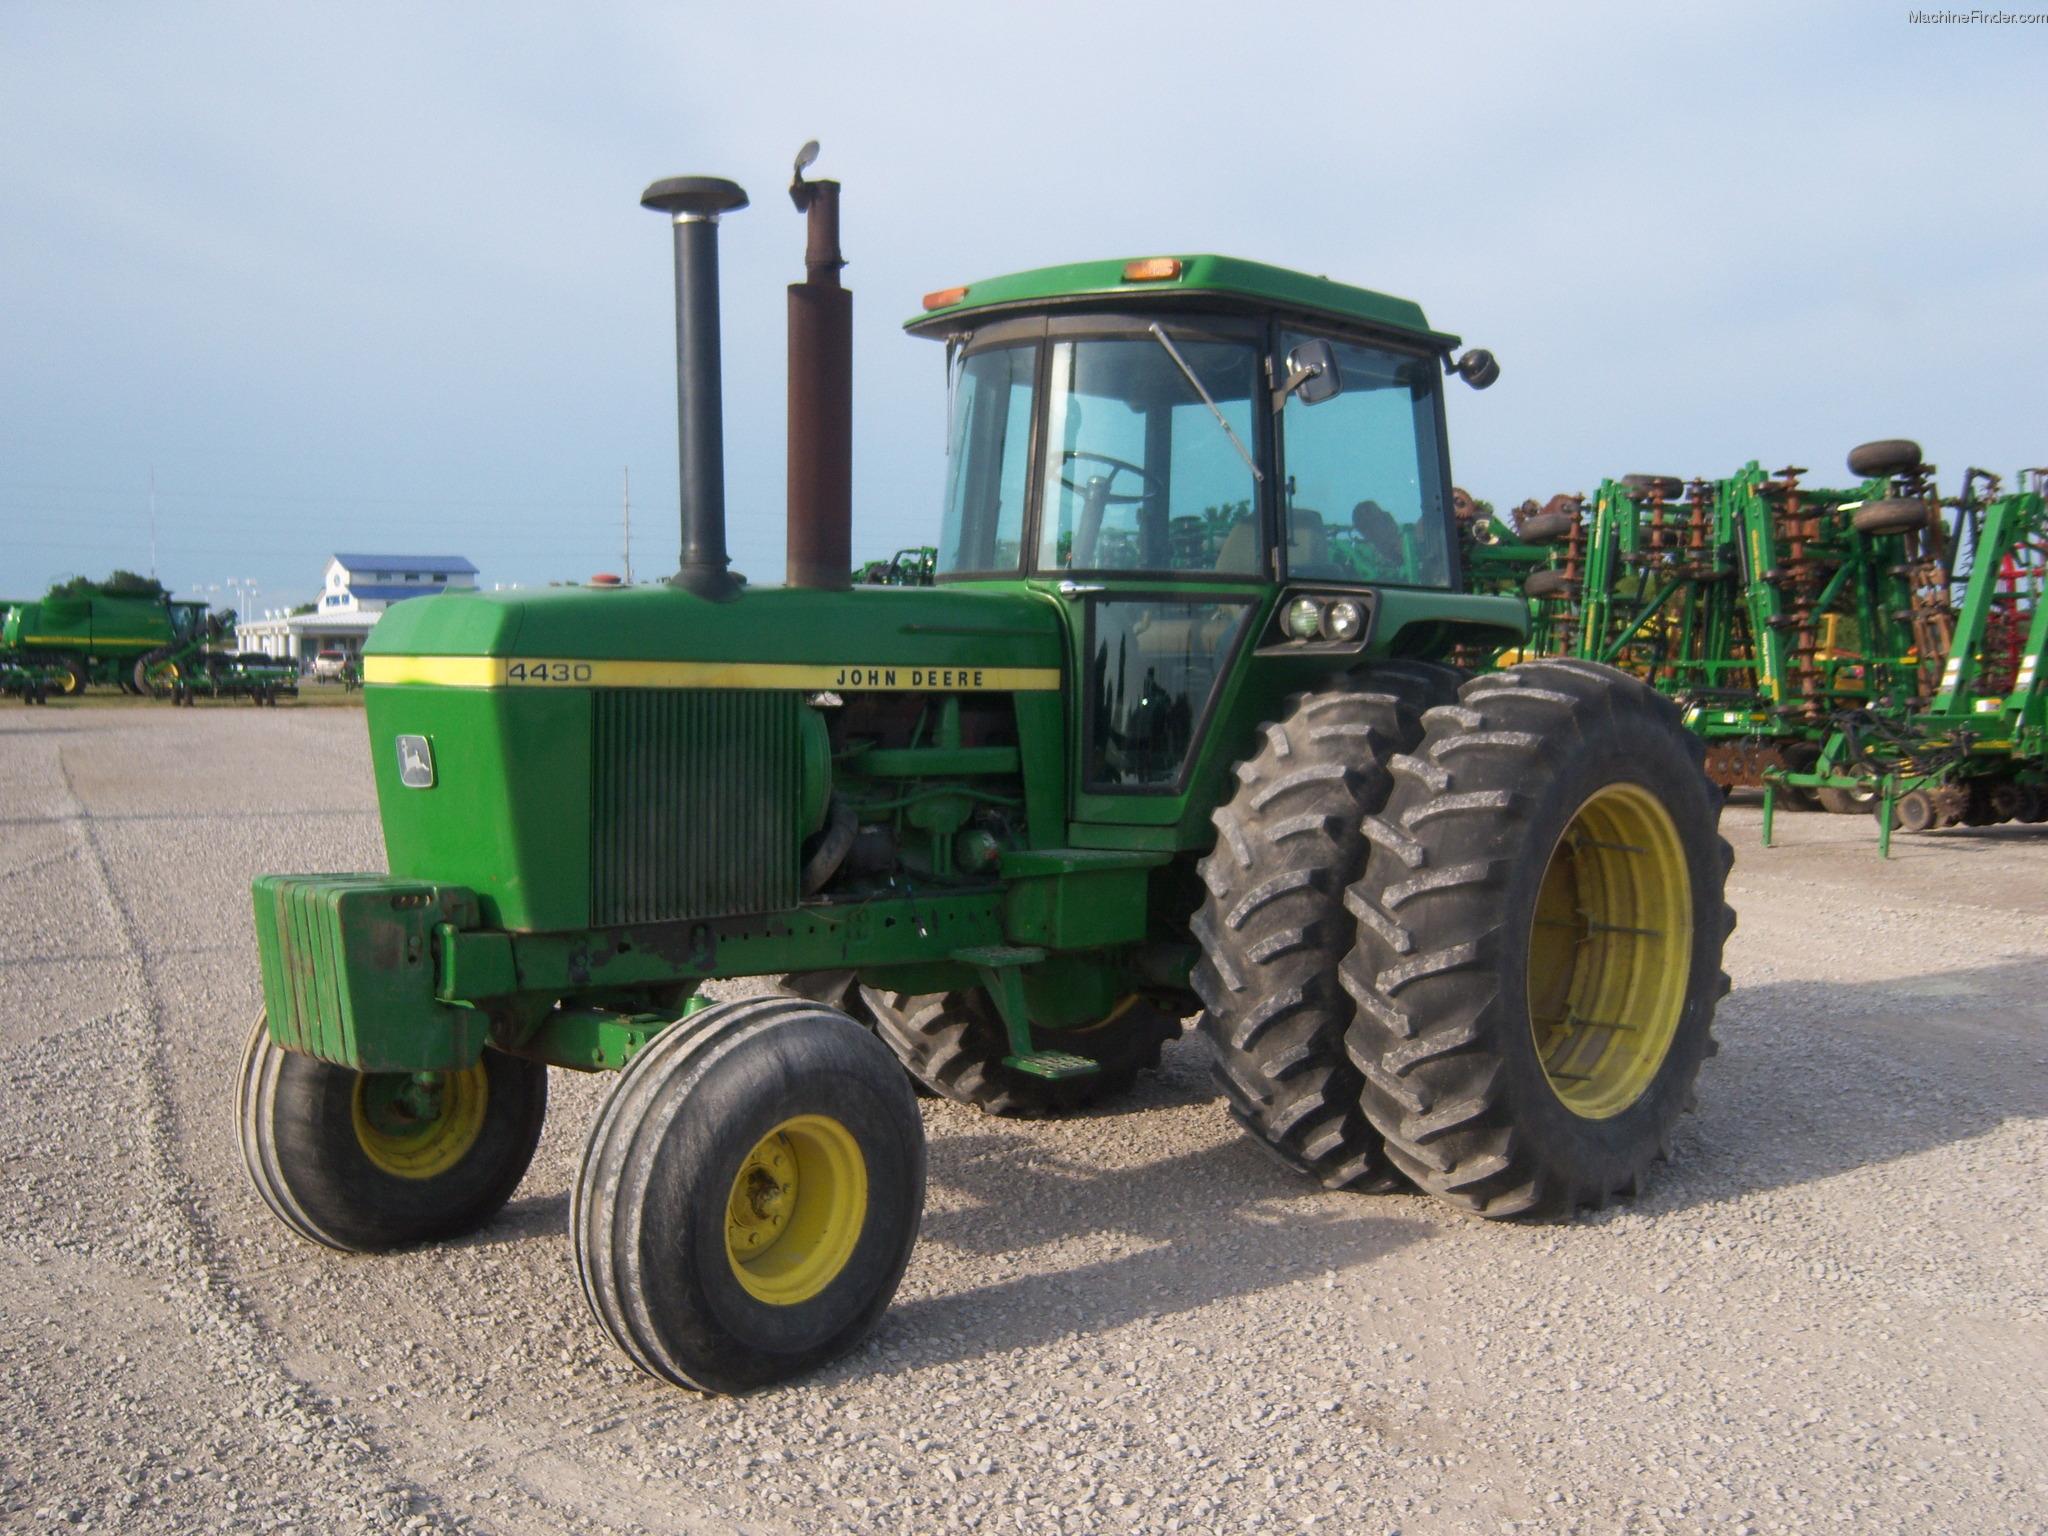 1977 John Deere 4430 Tractors - Row Crop (+100hp) - John ...